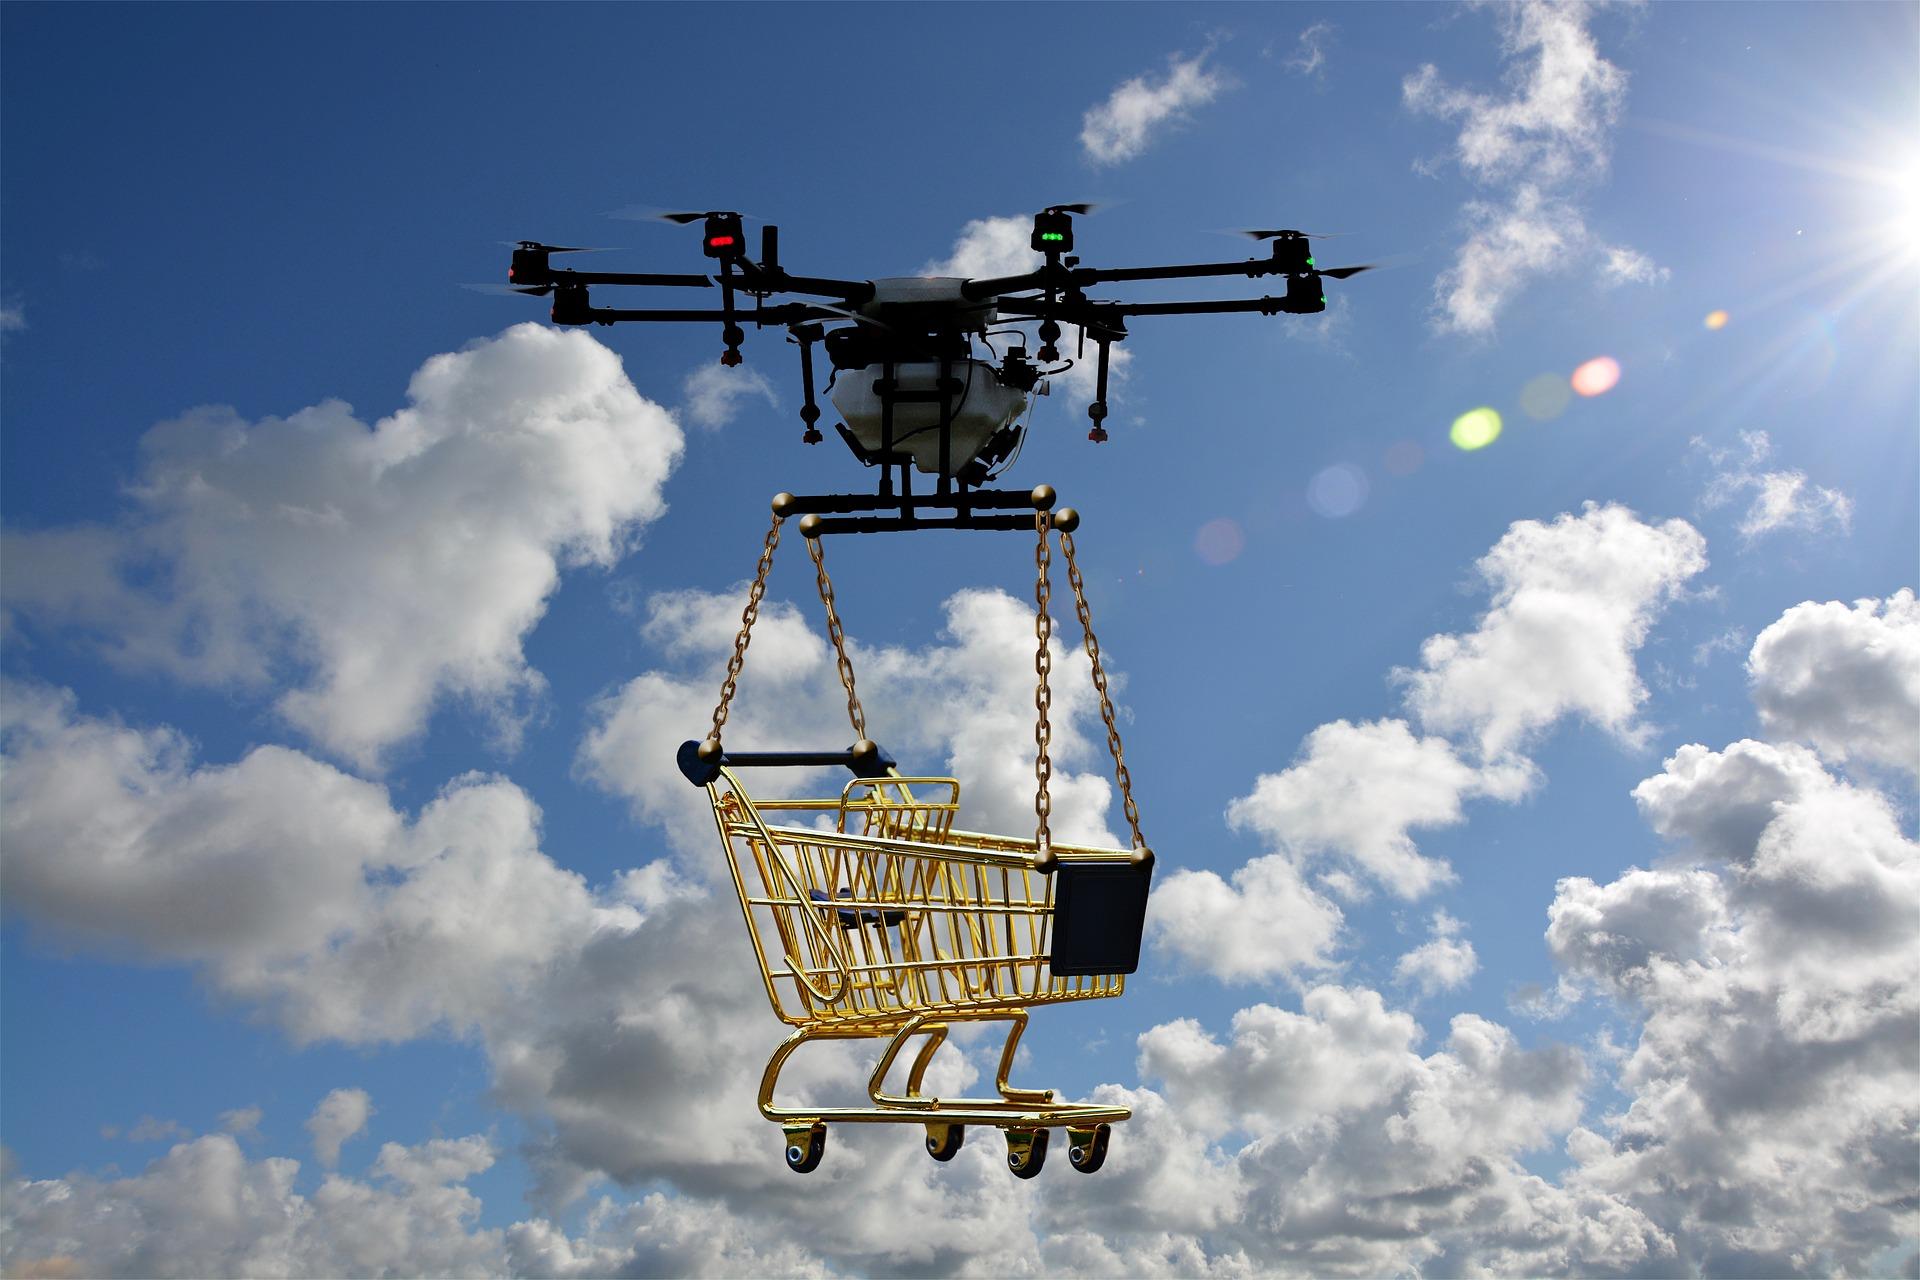 Błyskawiczne dostawy produktów kupionych online - jak będzie w2035?